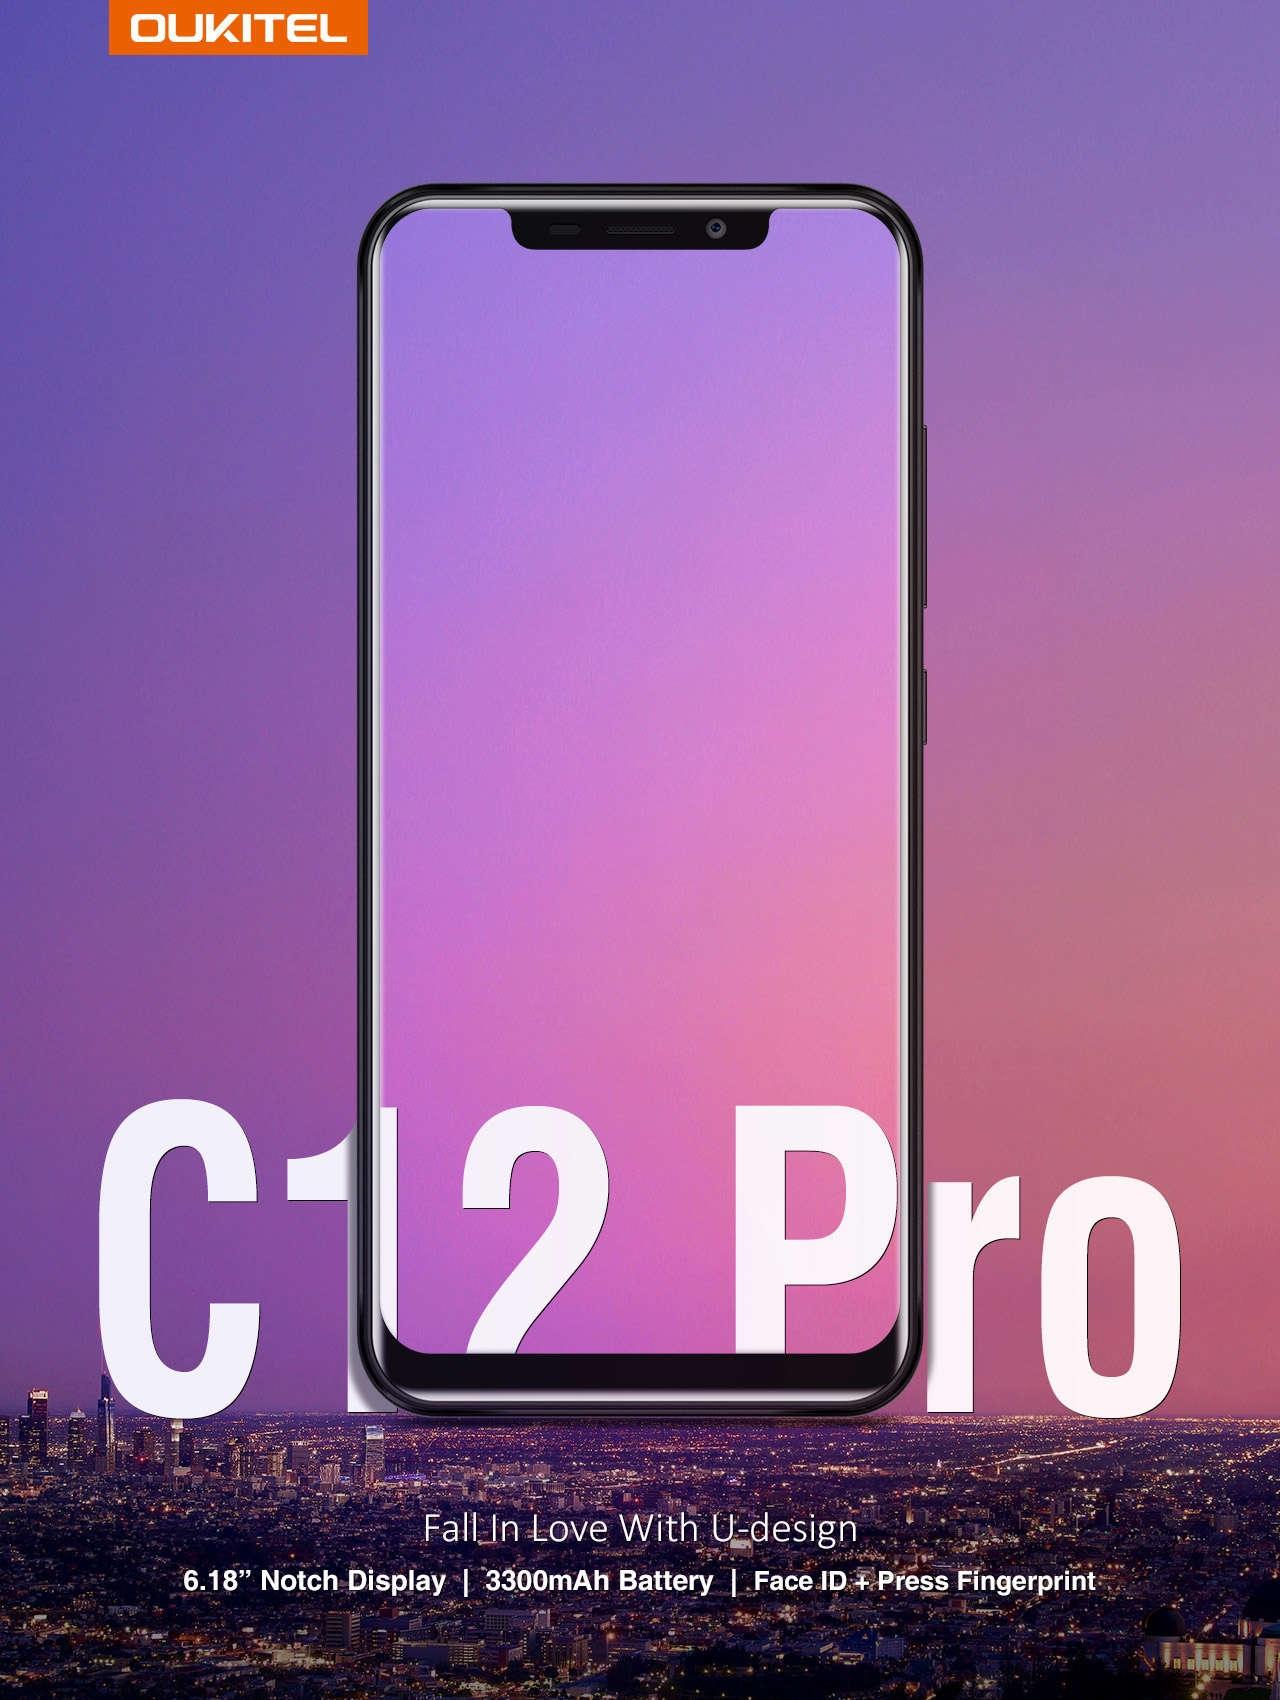 C12-Pro_01.jpg